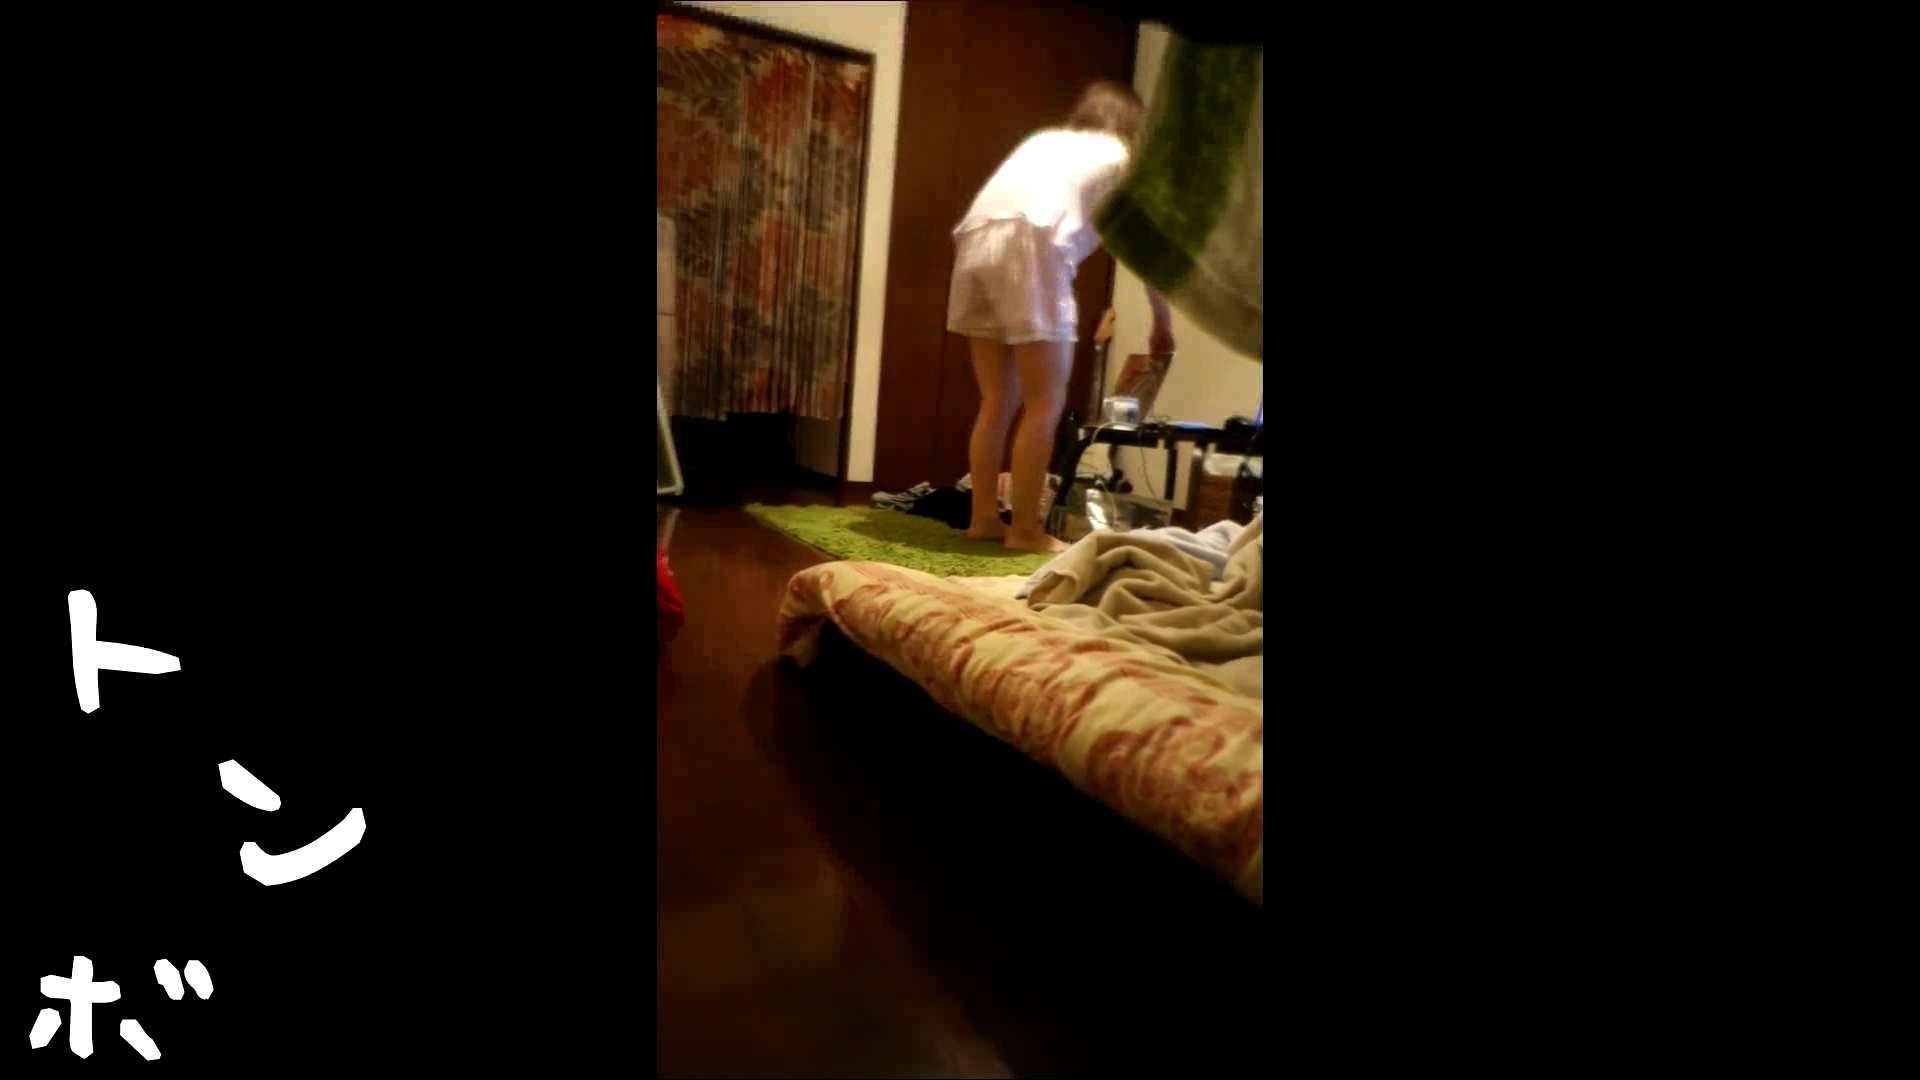 リアル盗撮 むっちりお女市さんの私生活ヌード エロい美女 SEX無修正画像 58枚